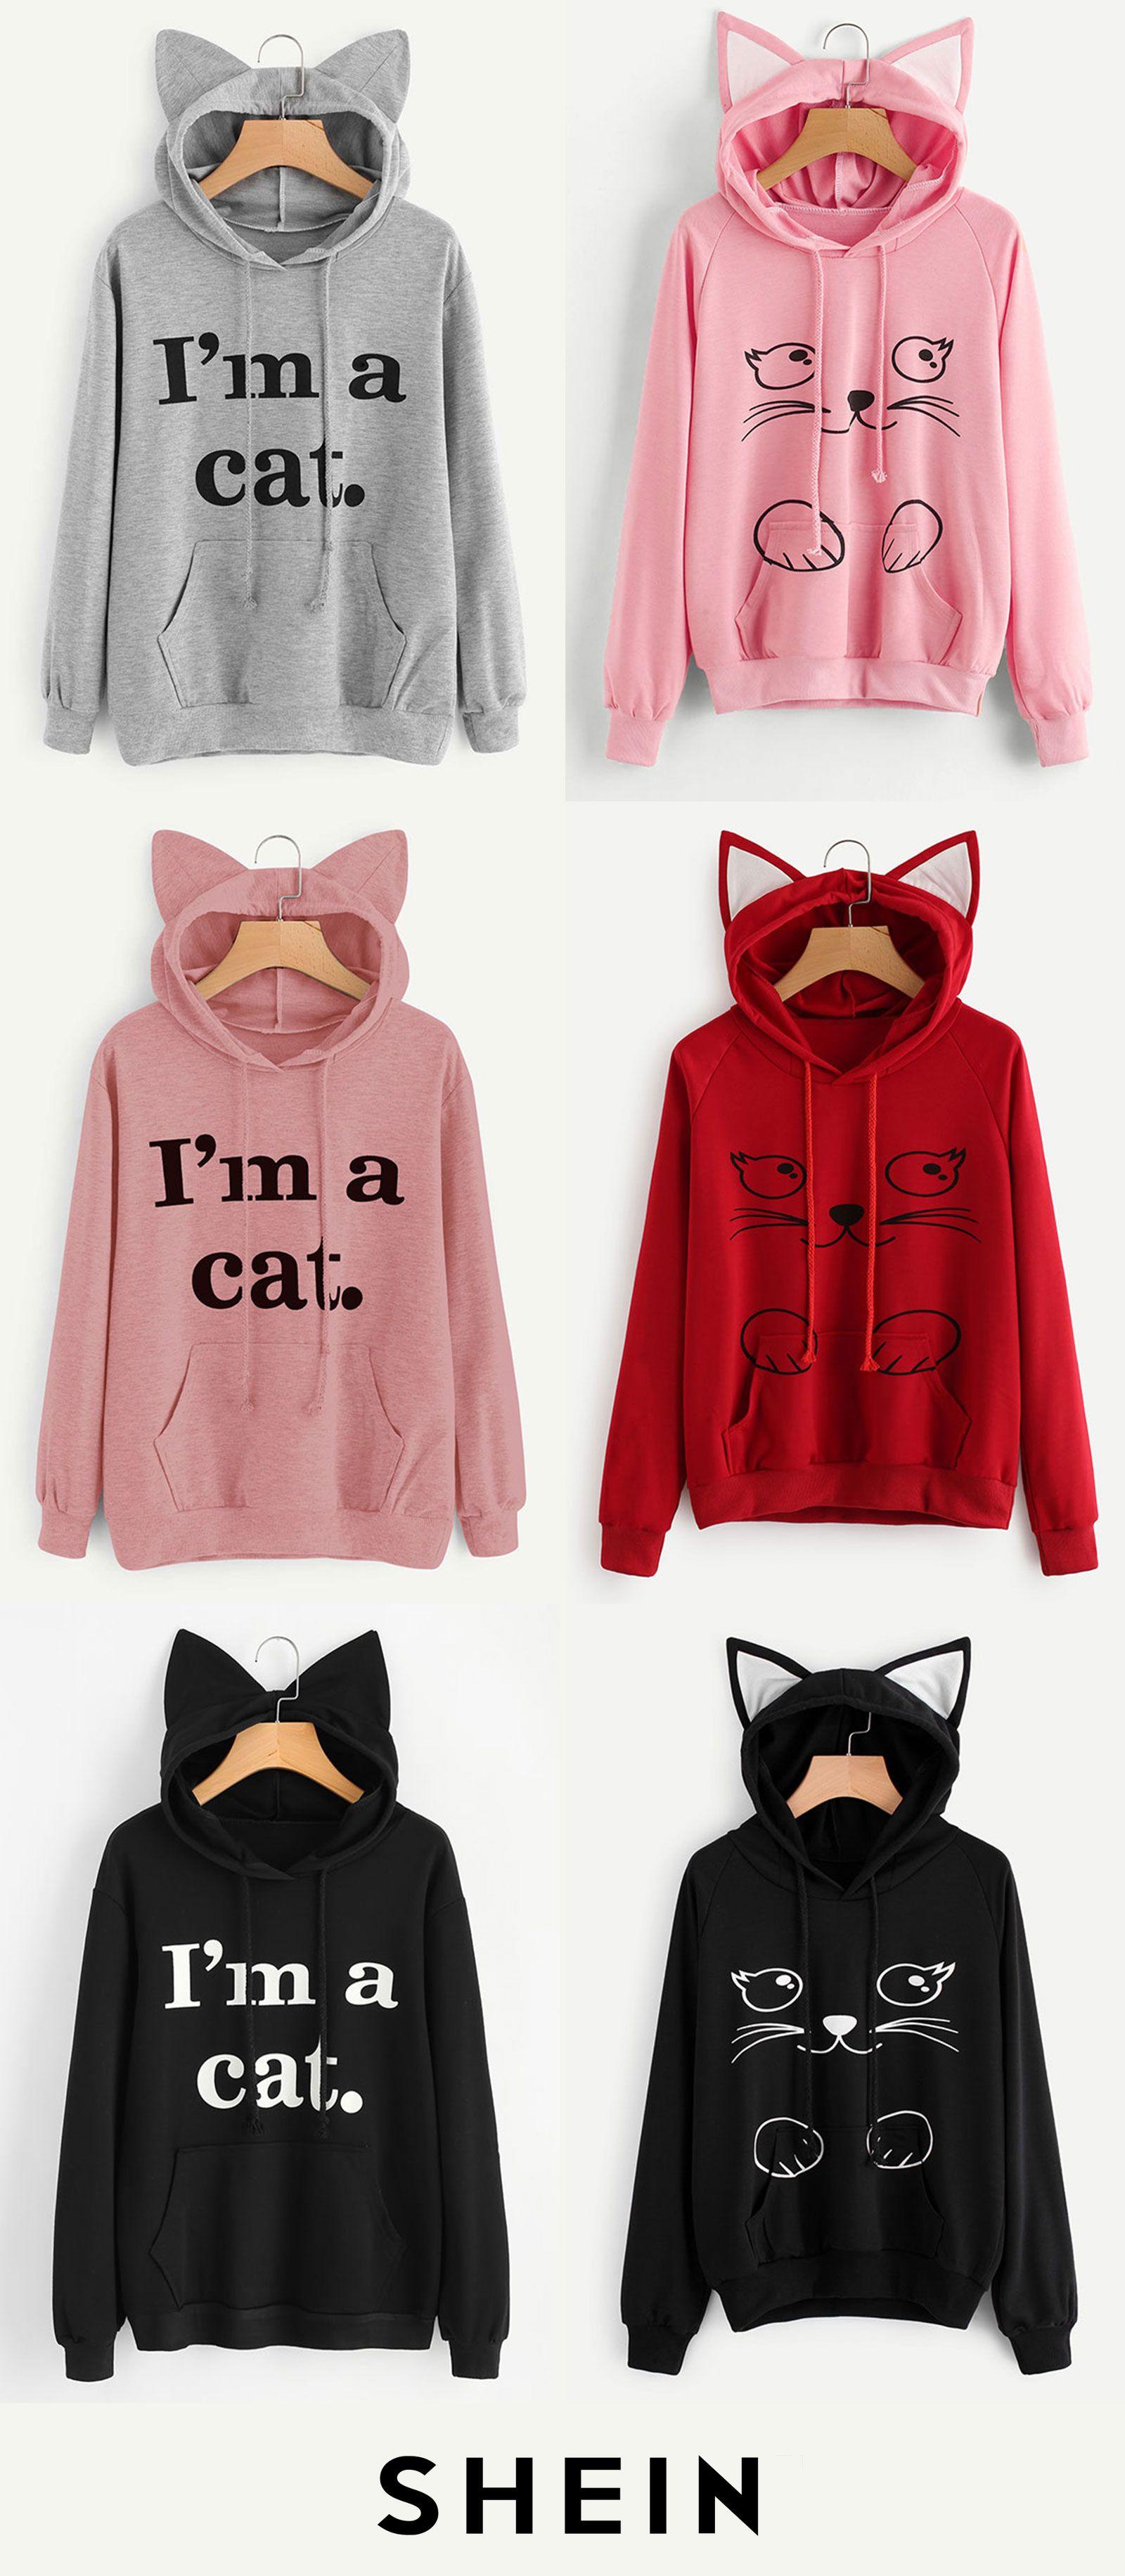 I'm a cat. Quiero todas